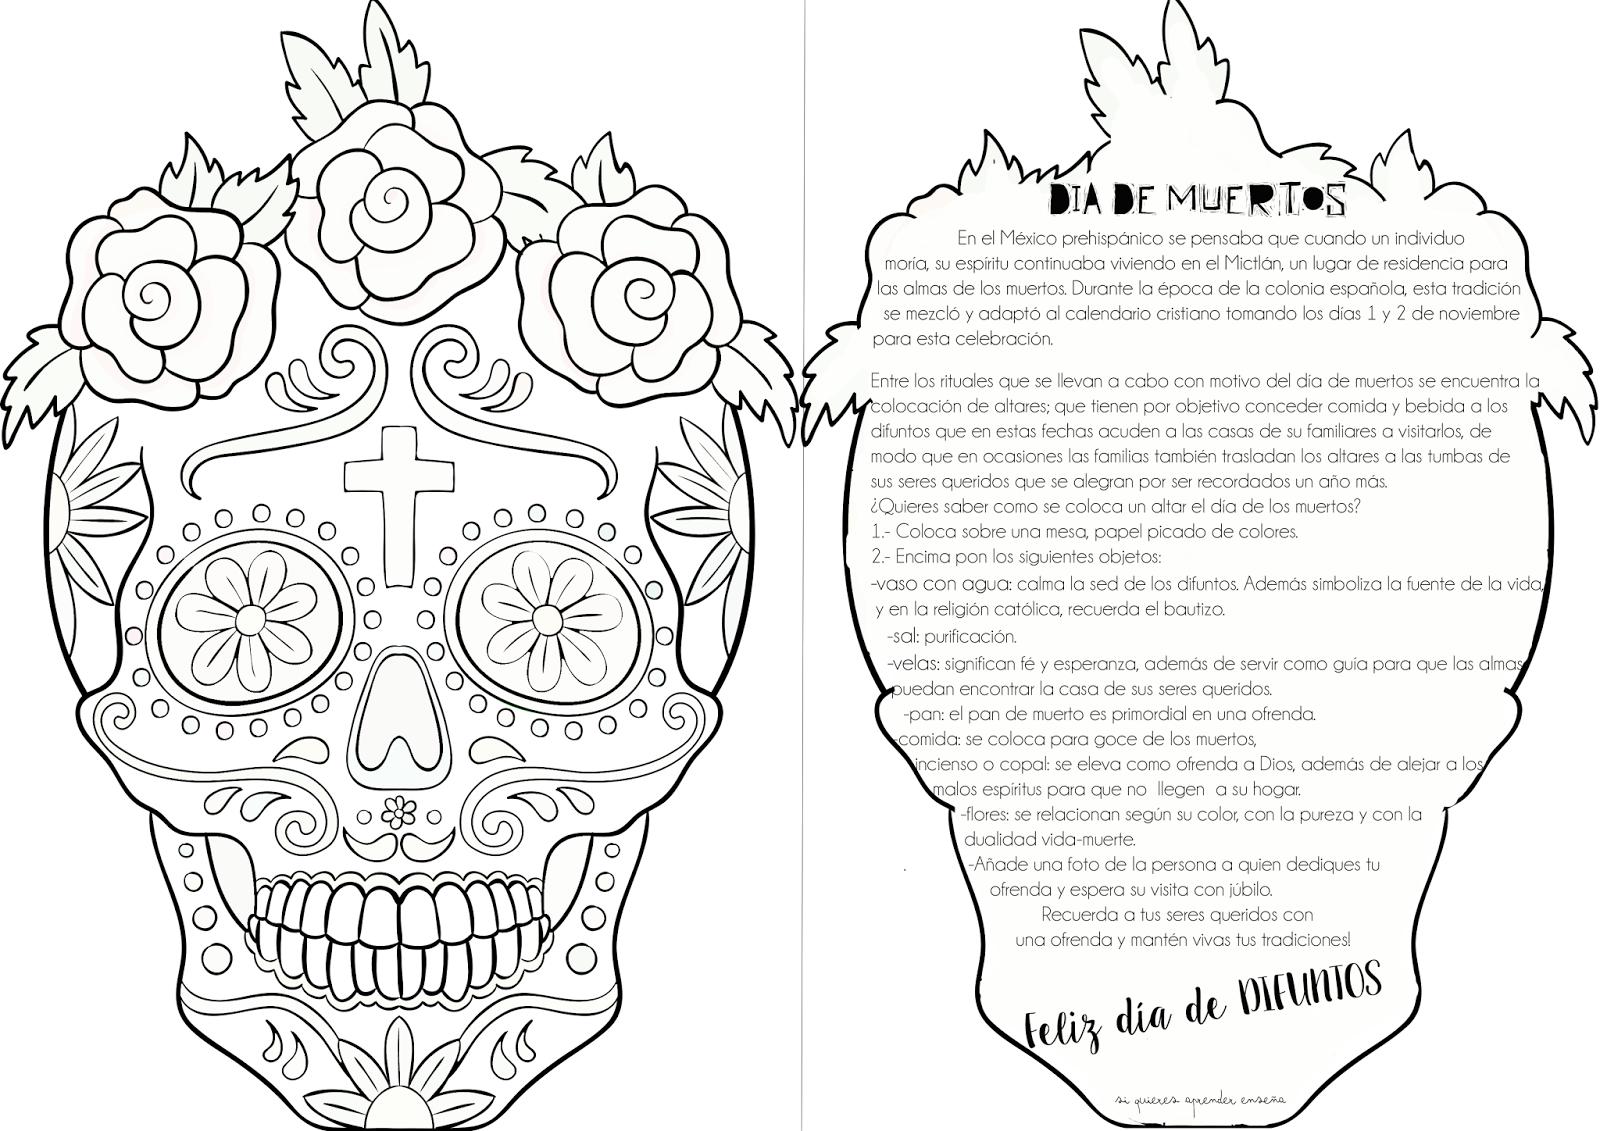 Atractivo Libro De Colorear Muerto Agradecido Galería - Dibujos Para ...